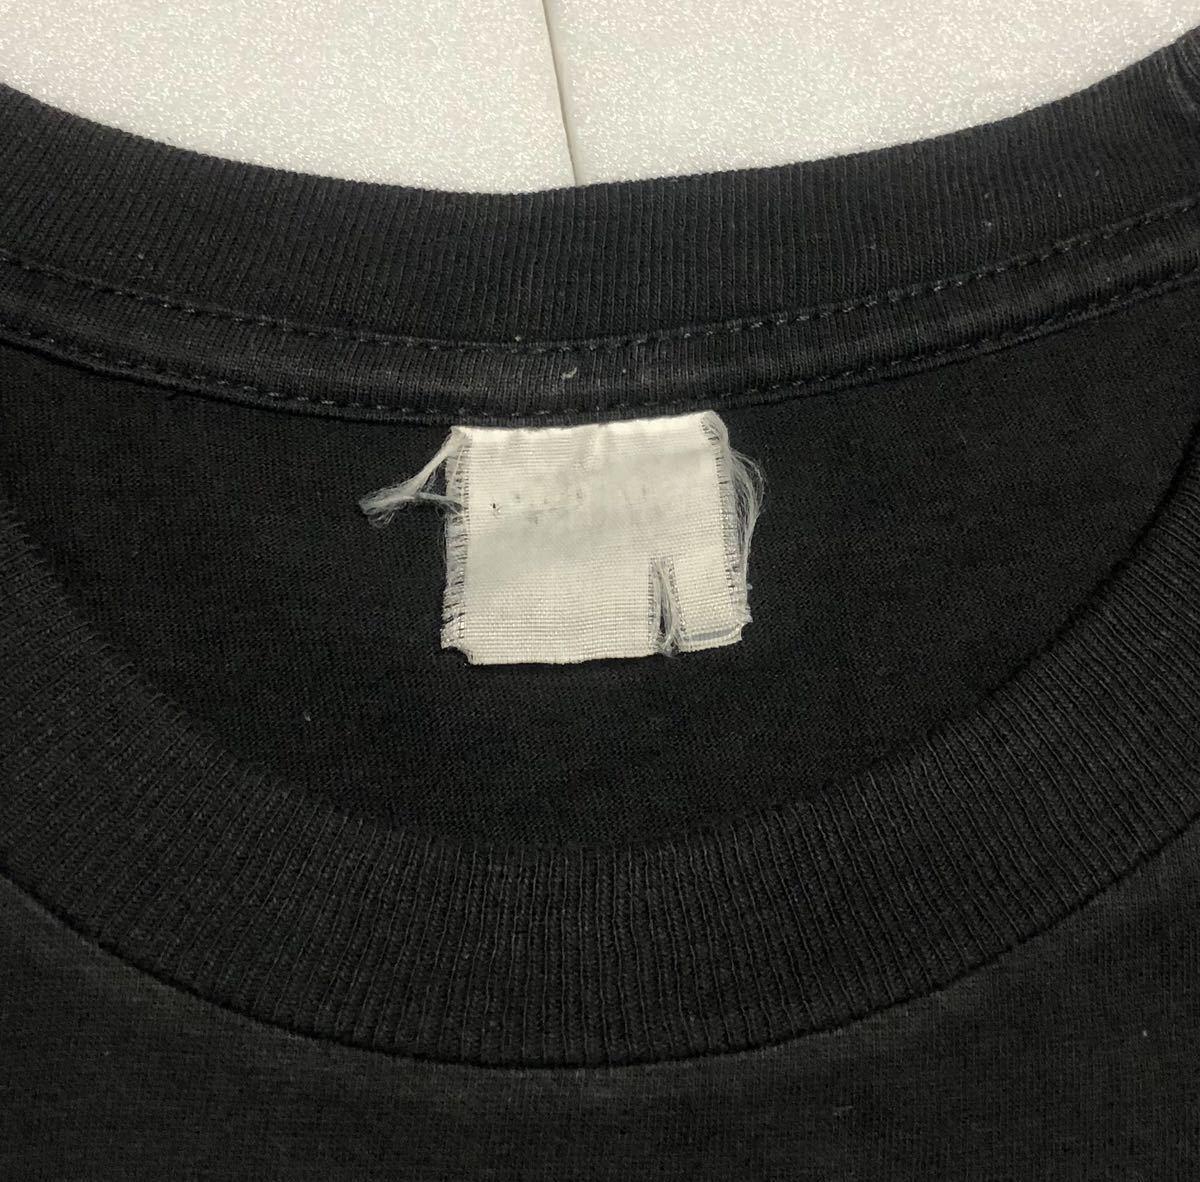 90s 95-96年 ツアー IRON MAIDEN アイアンメイデン ビンテージ Tシャツ 黒 オリジナル メタル ロック バンド tシャツ レア コピーライト_画像5